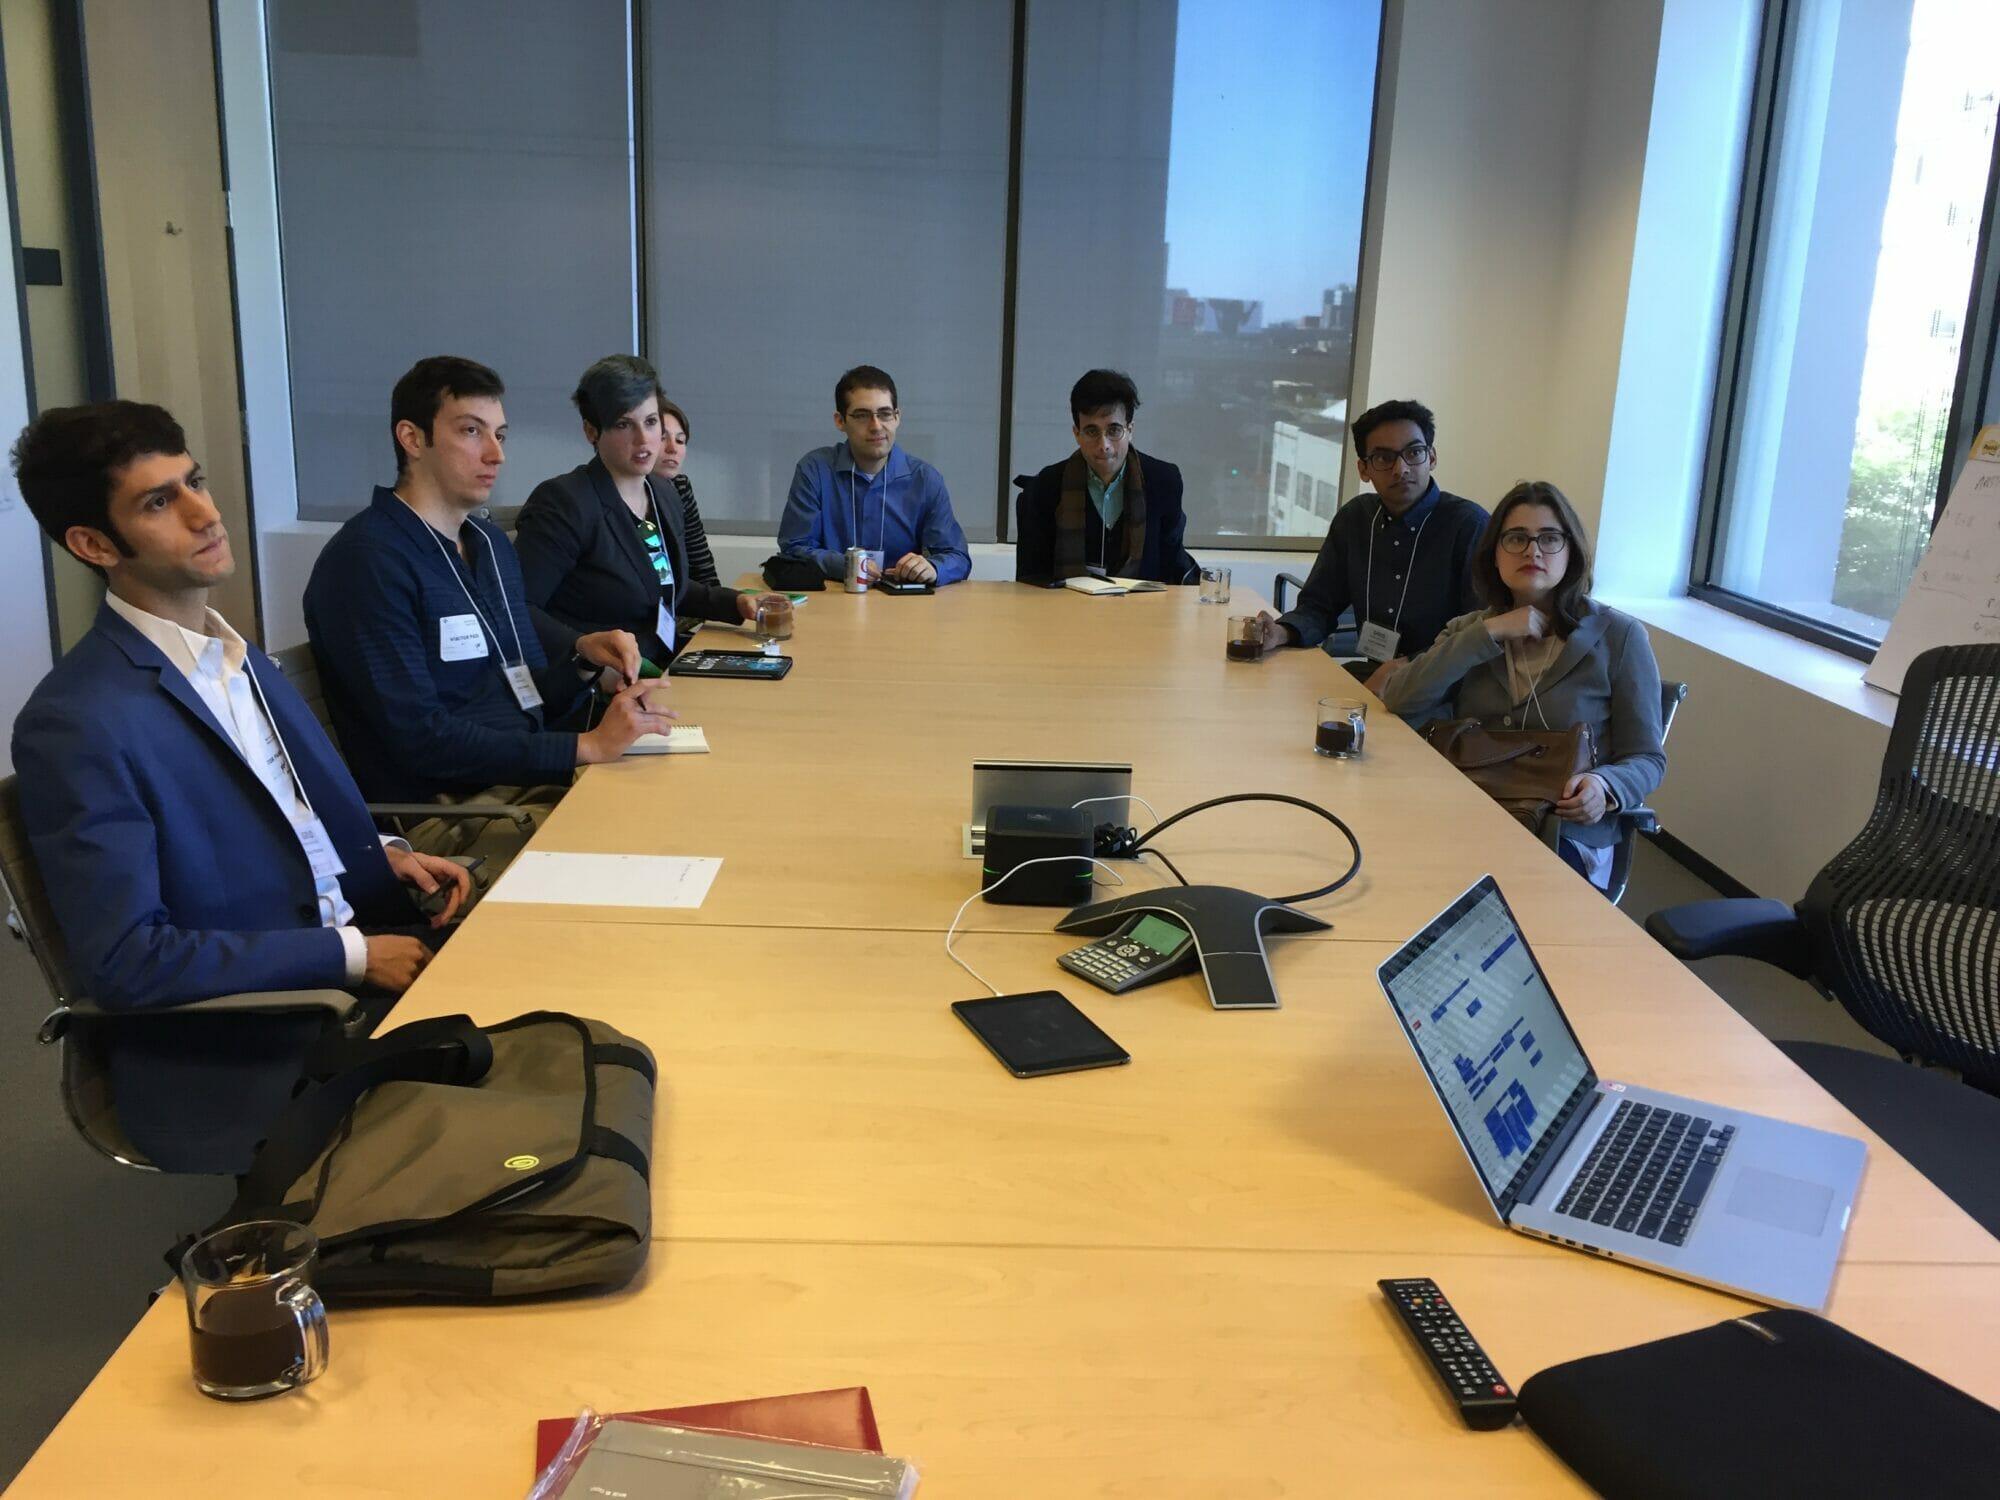 UChicago GRADUCon participants attending a seminar.